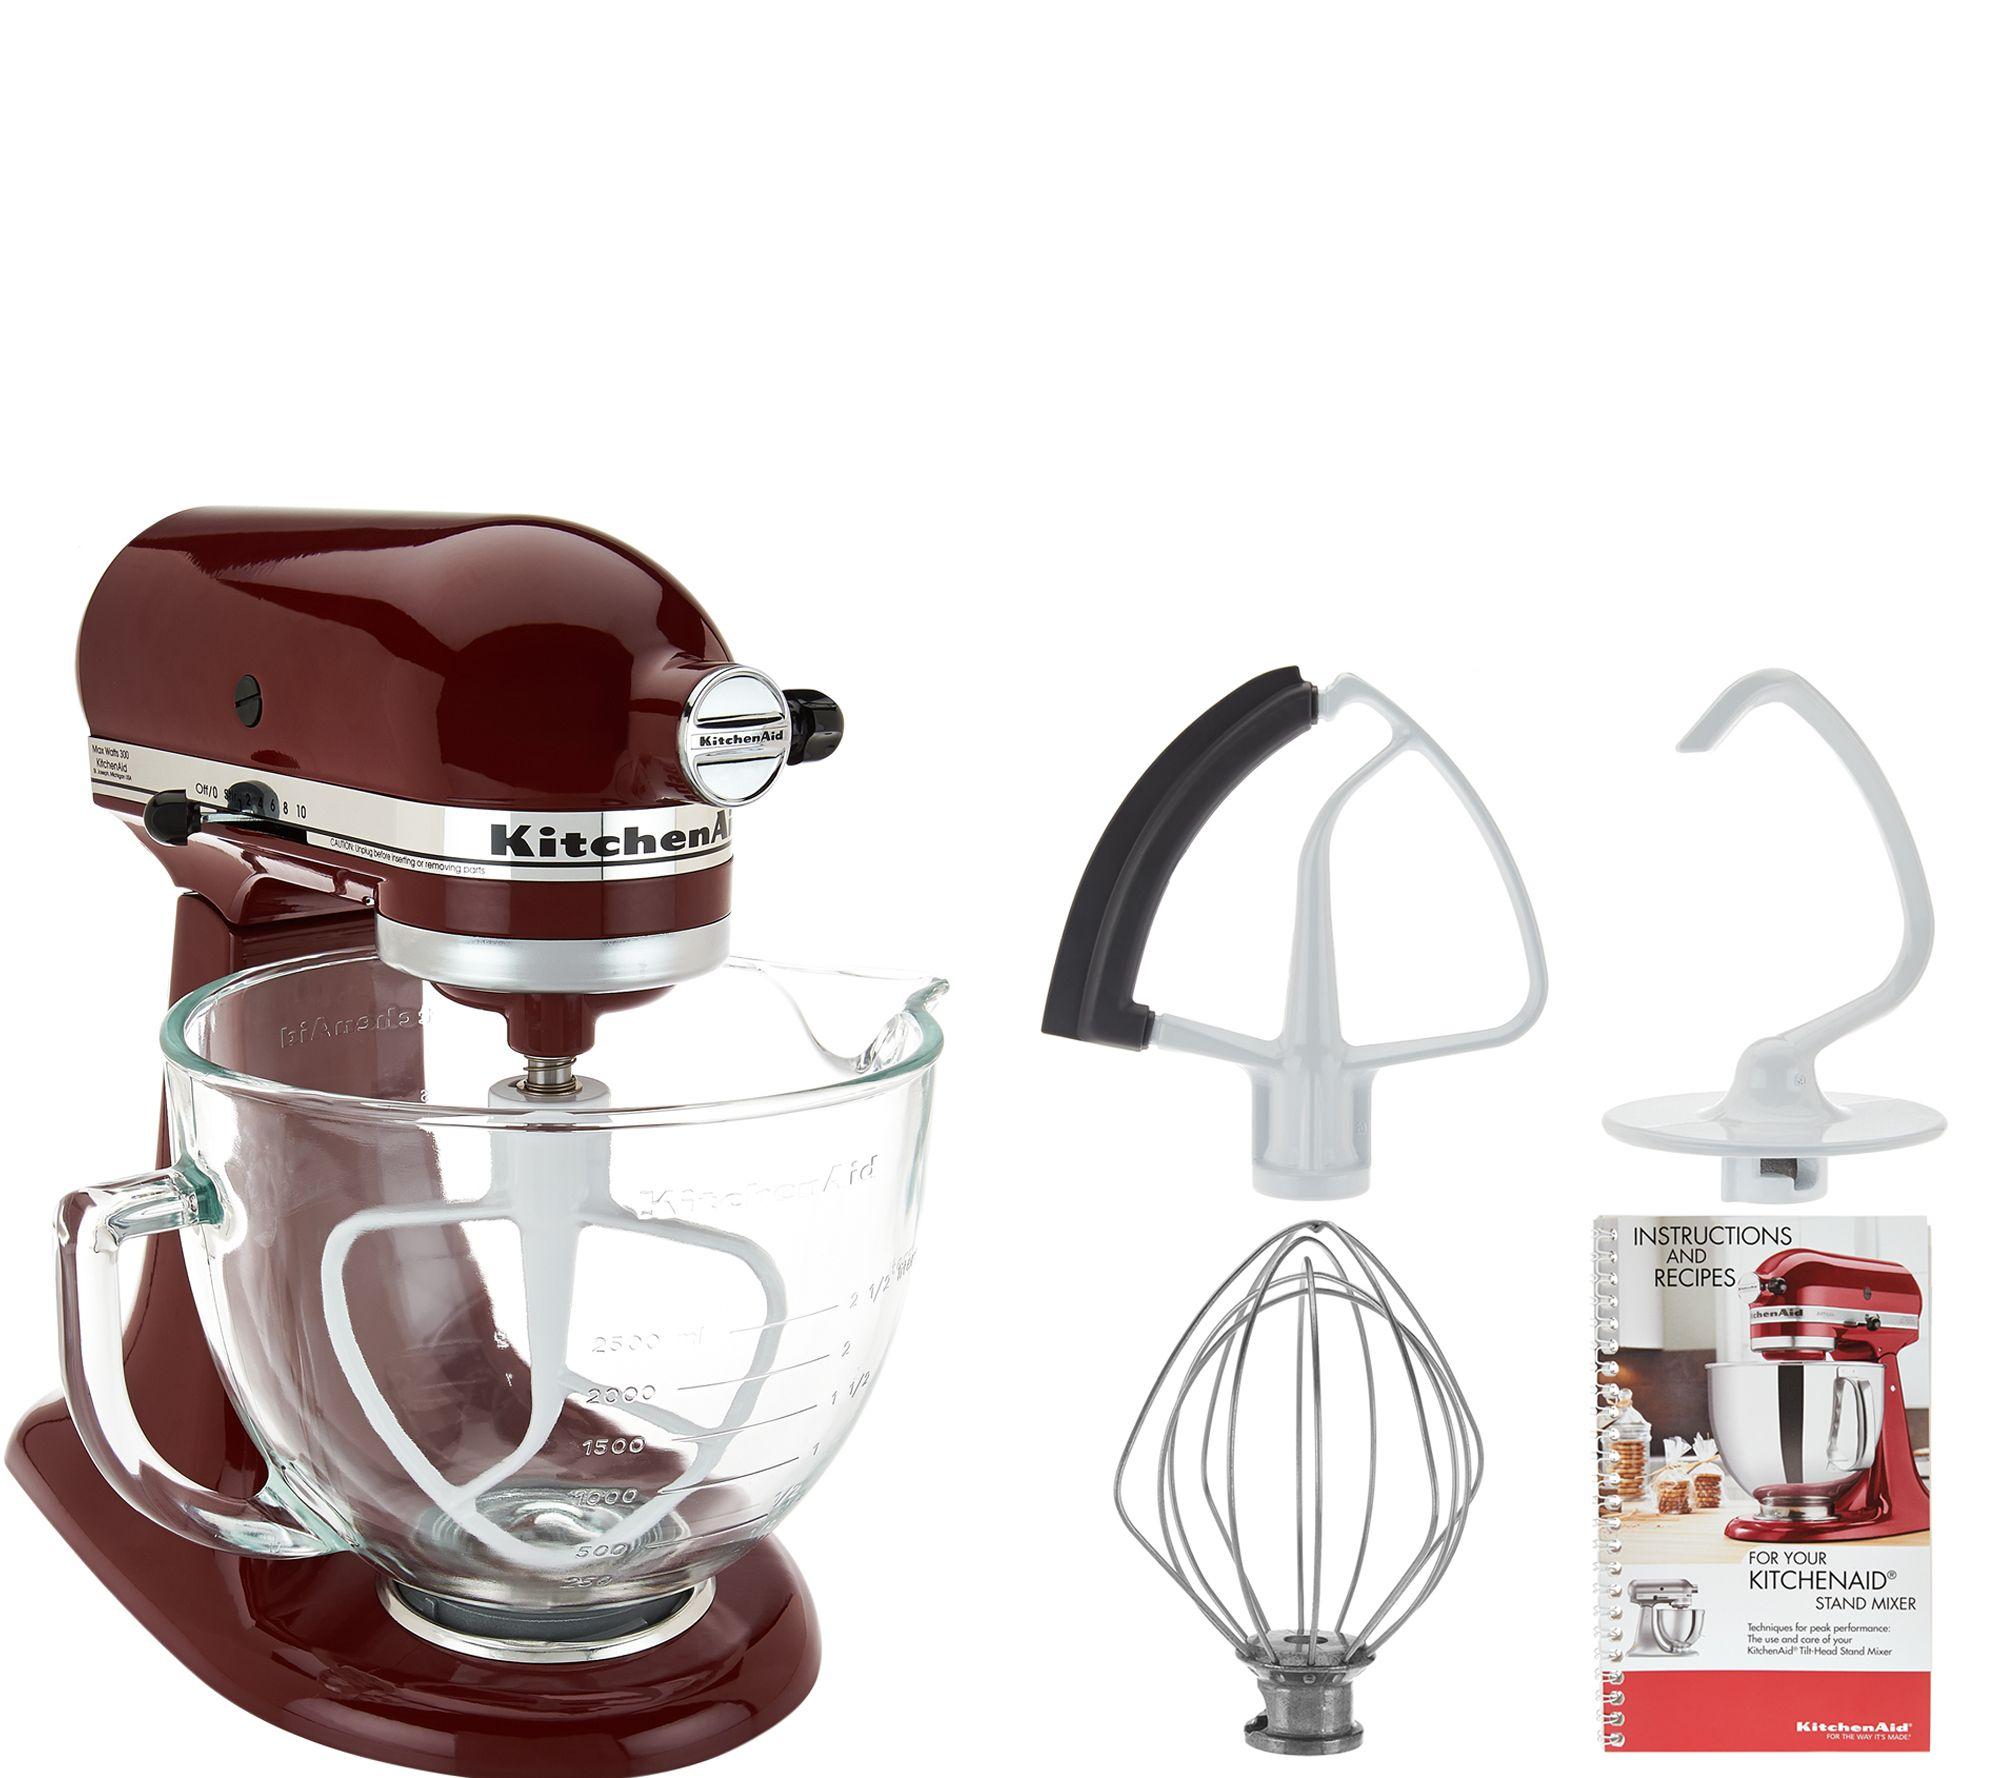 Kitchenaid 5qt 300w Tilt Head Stand Mixer W Glass Bowl Flex Edge